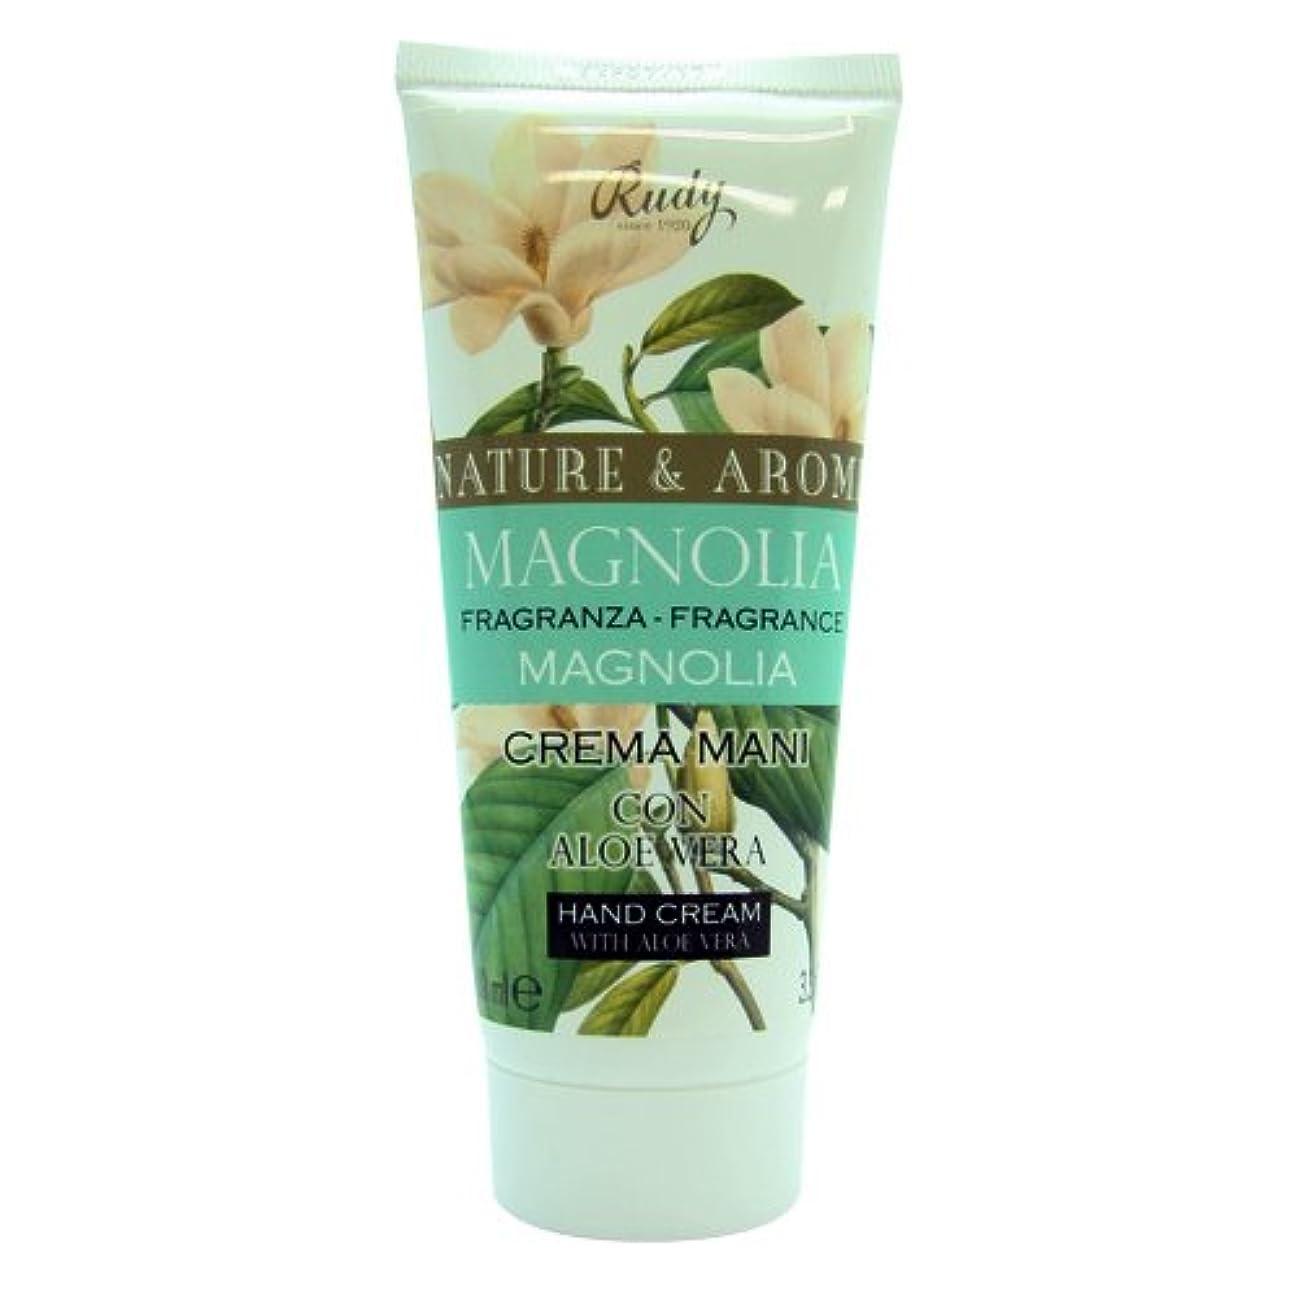 補償取り出すプーノRUDY Nature&Arome SERIES ルディ ナチュール&アロマ Hand Cream ハンドクリーム  Magnolia マグノリア